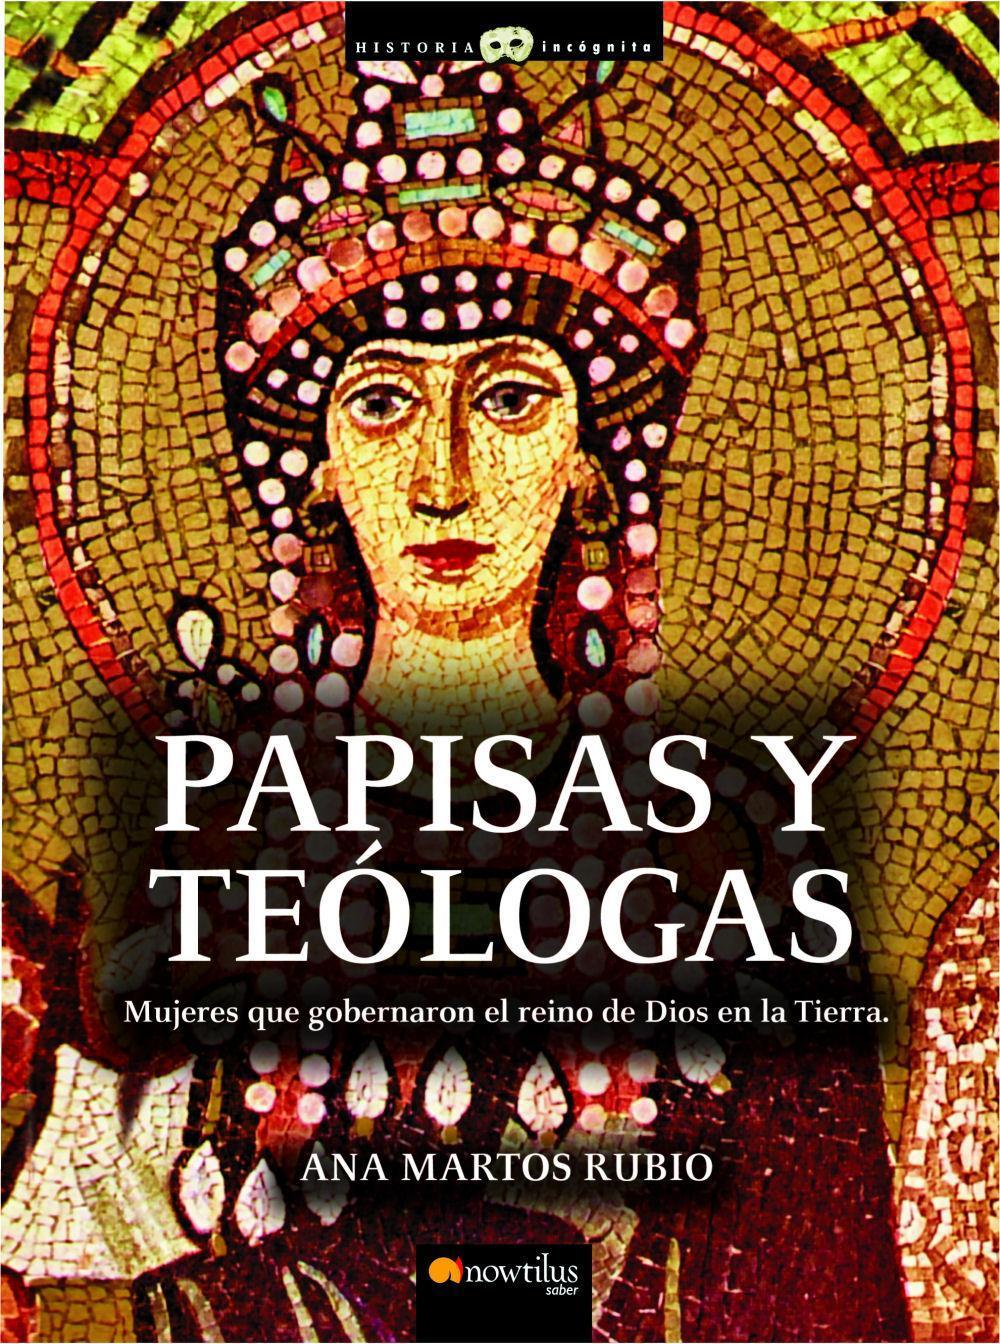 PAPISAS Y TEOLOGAS :Mujeres que gobernaron el reino de dios en la tierra - Ana Martos Rubio